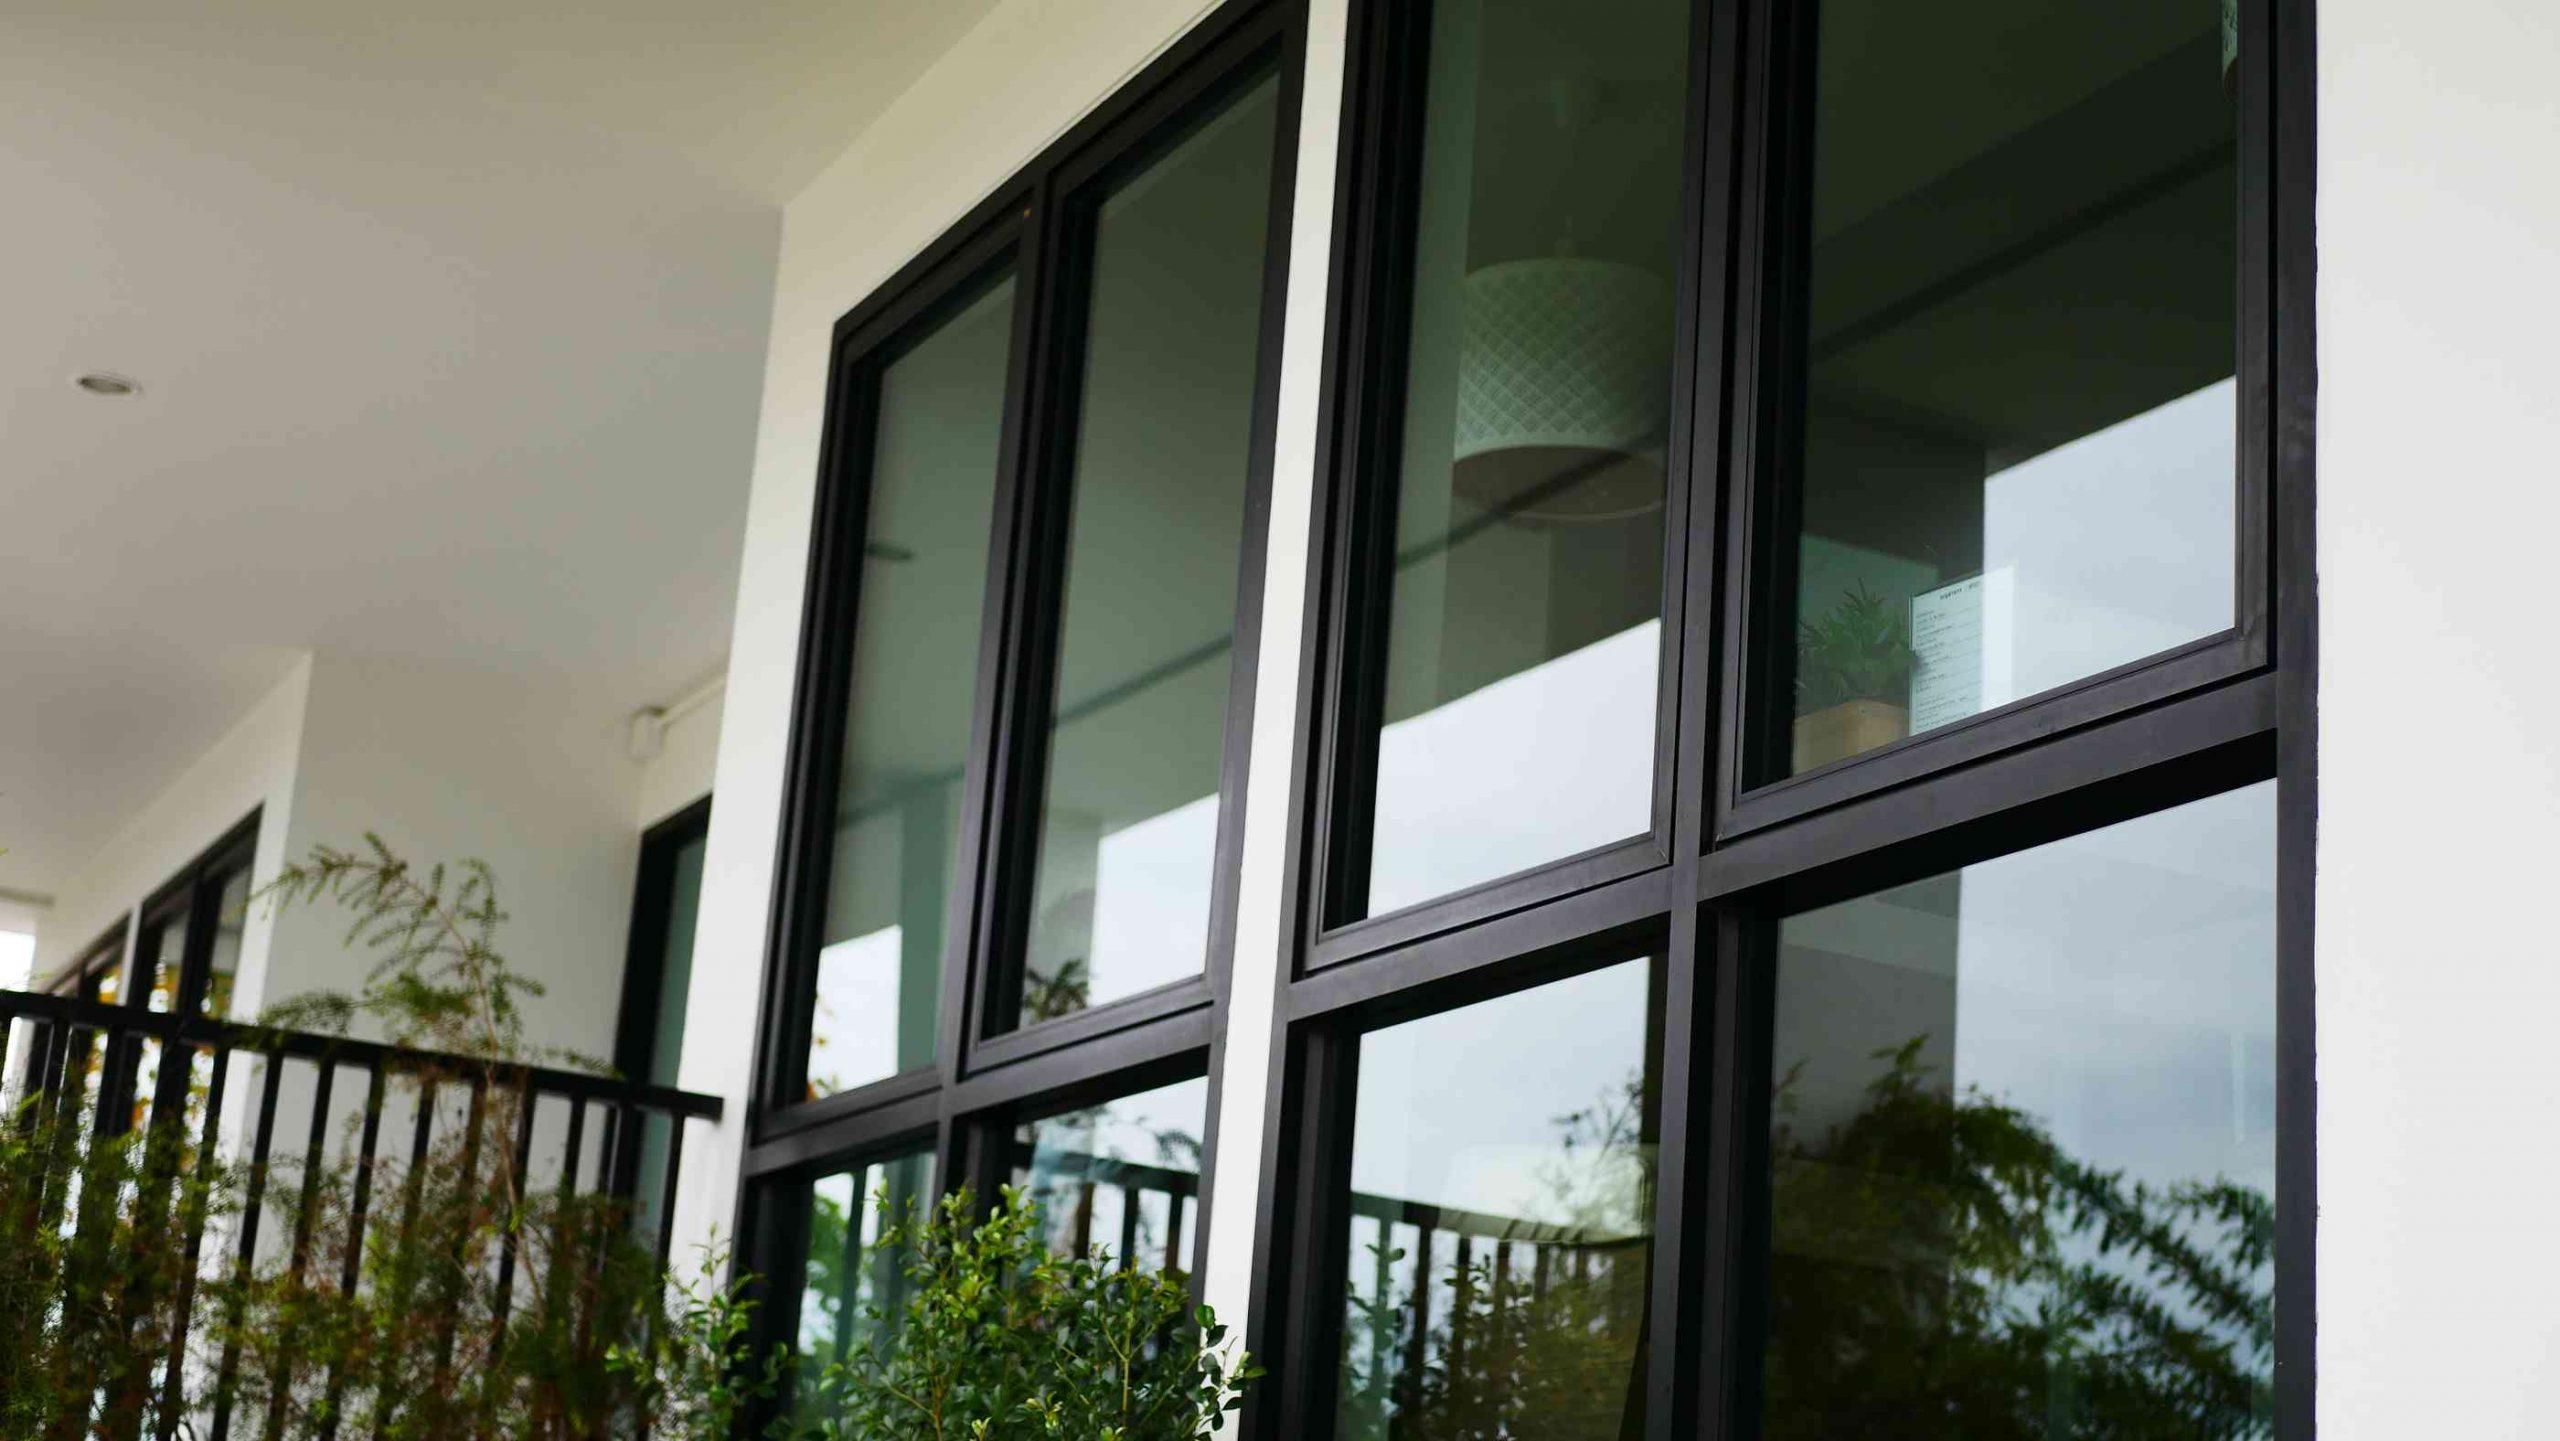 Full Size of Aluminium Fenster Holz Polen Rolladen Nachträglich Einbauen Plissee Standardmaße Einbruchsicherung Trocal Sichtschutz Welten Polnische Einbruchschutz Stange Fenster Aluminium Fenster